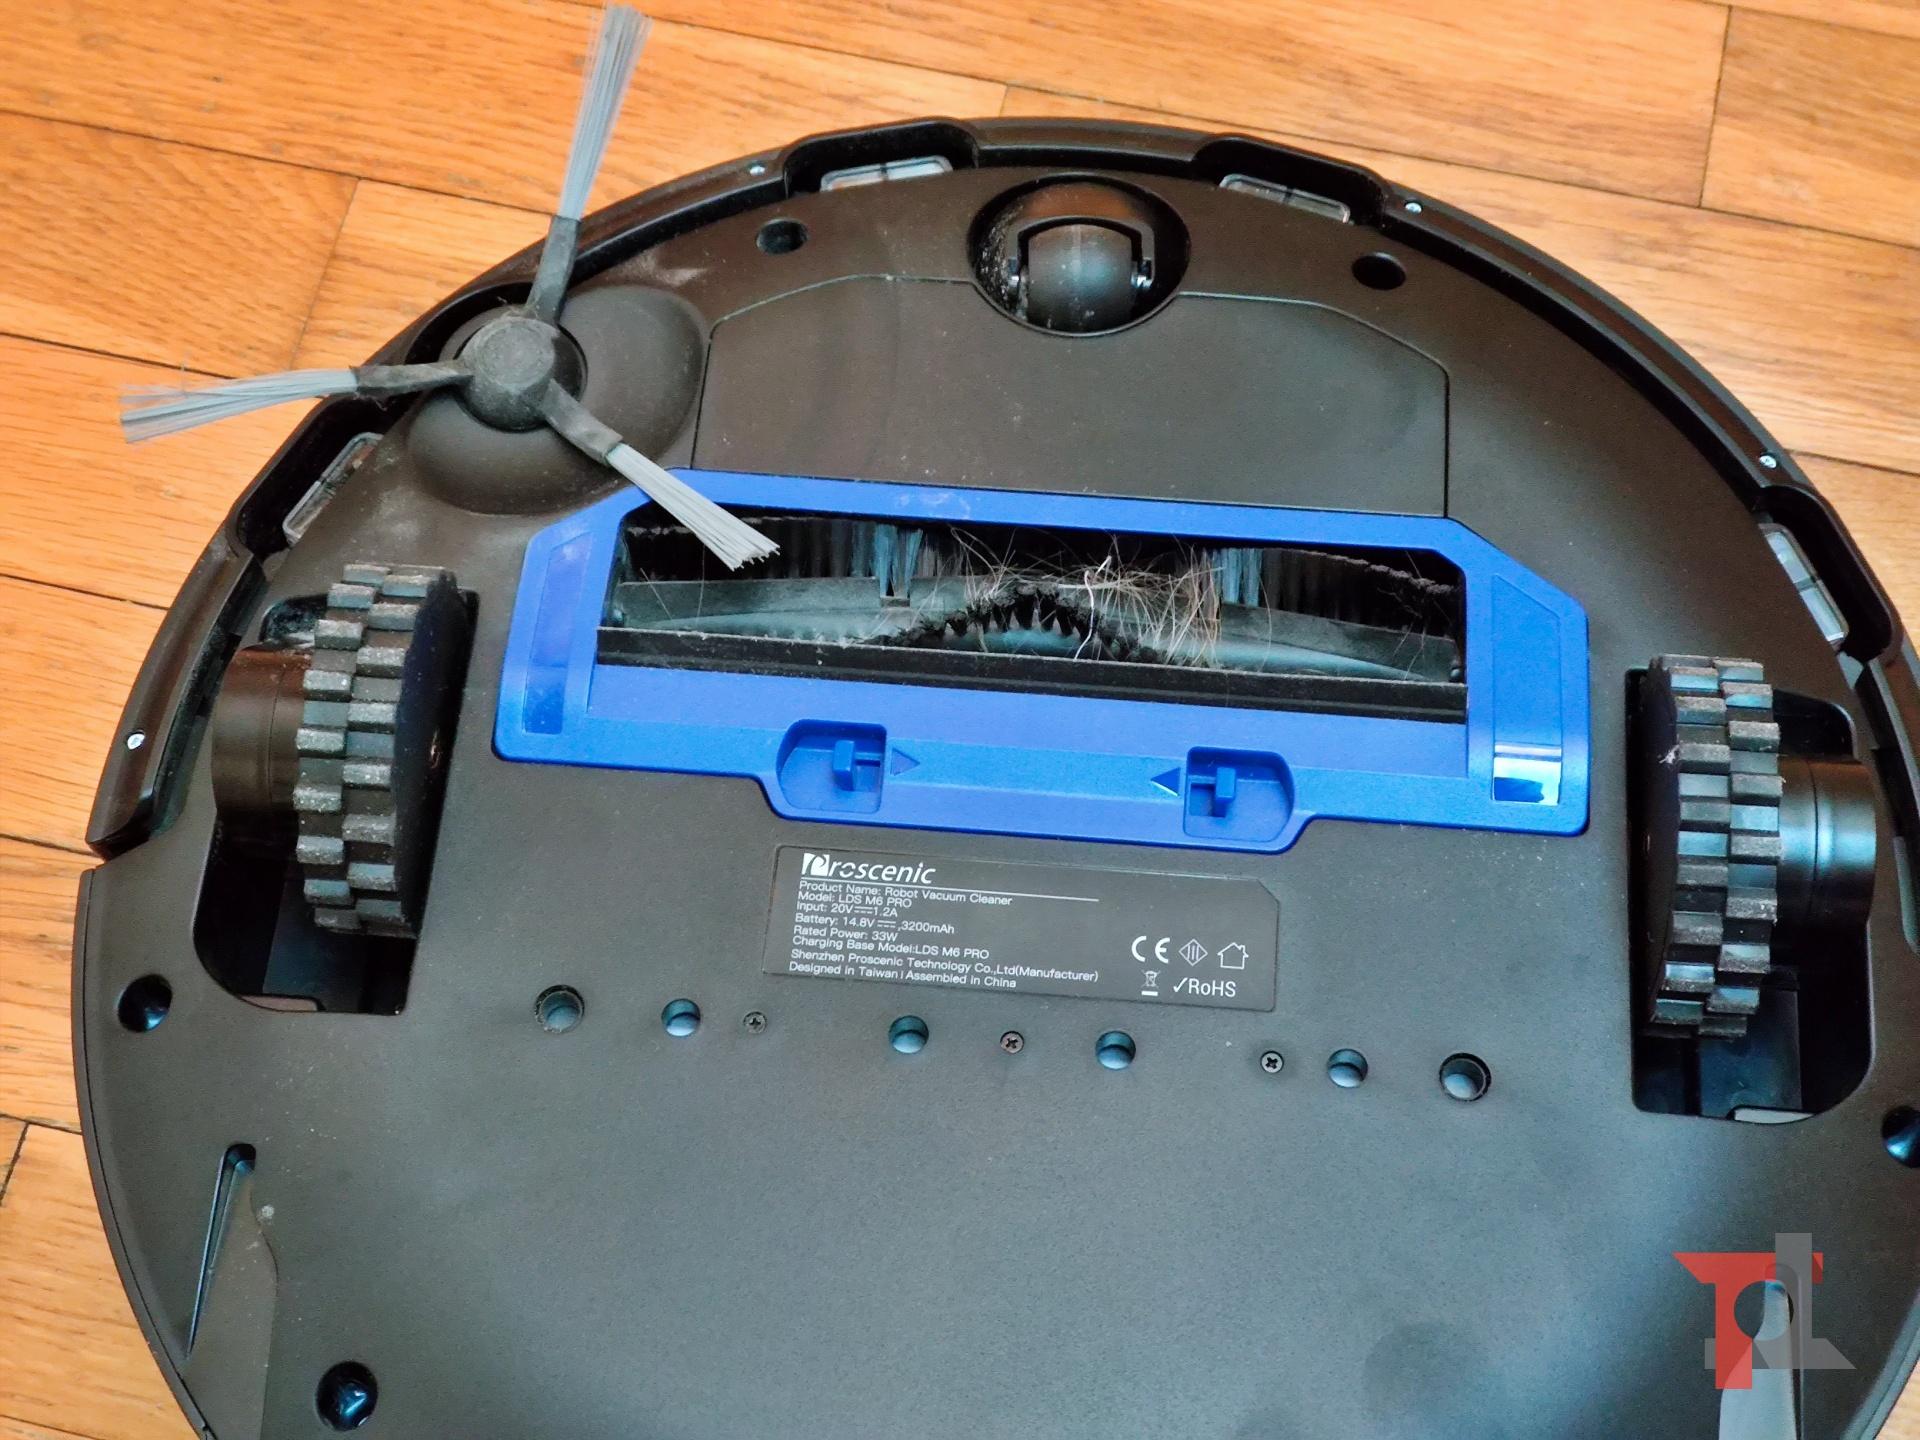 Recensione Proscenic M6 Pro, un aspirapolvere robot che promette davvero bene 1